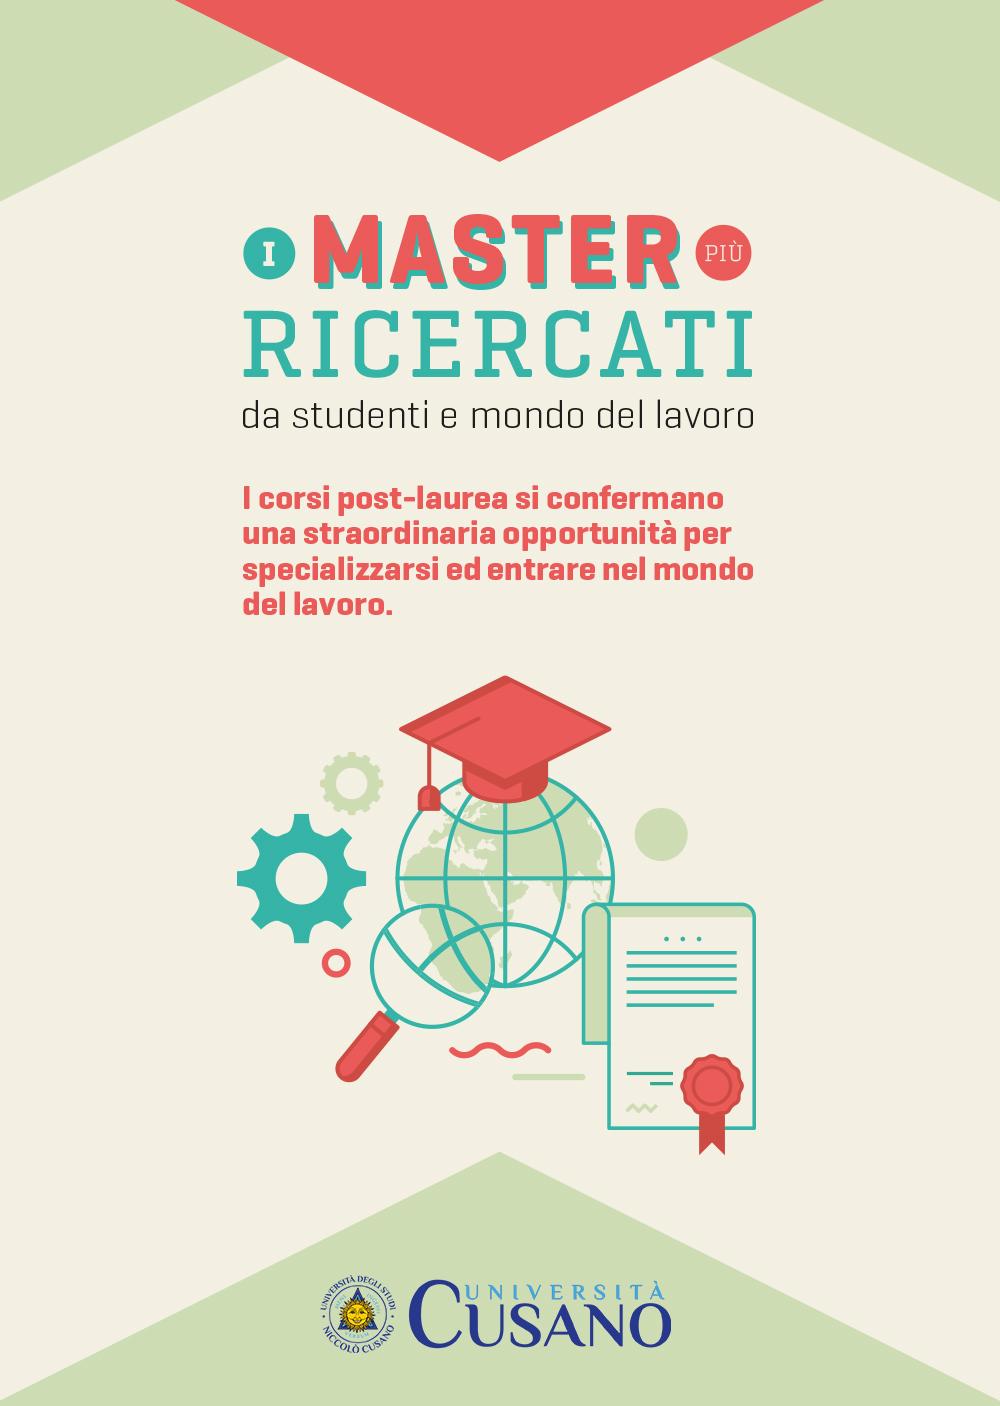 Infografica I master più ricercati da studenti e mondo del lavoro